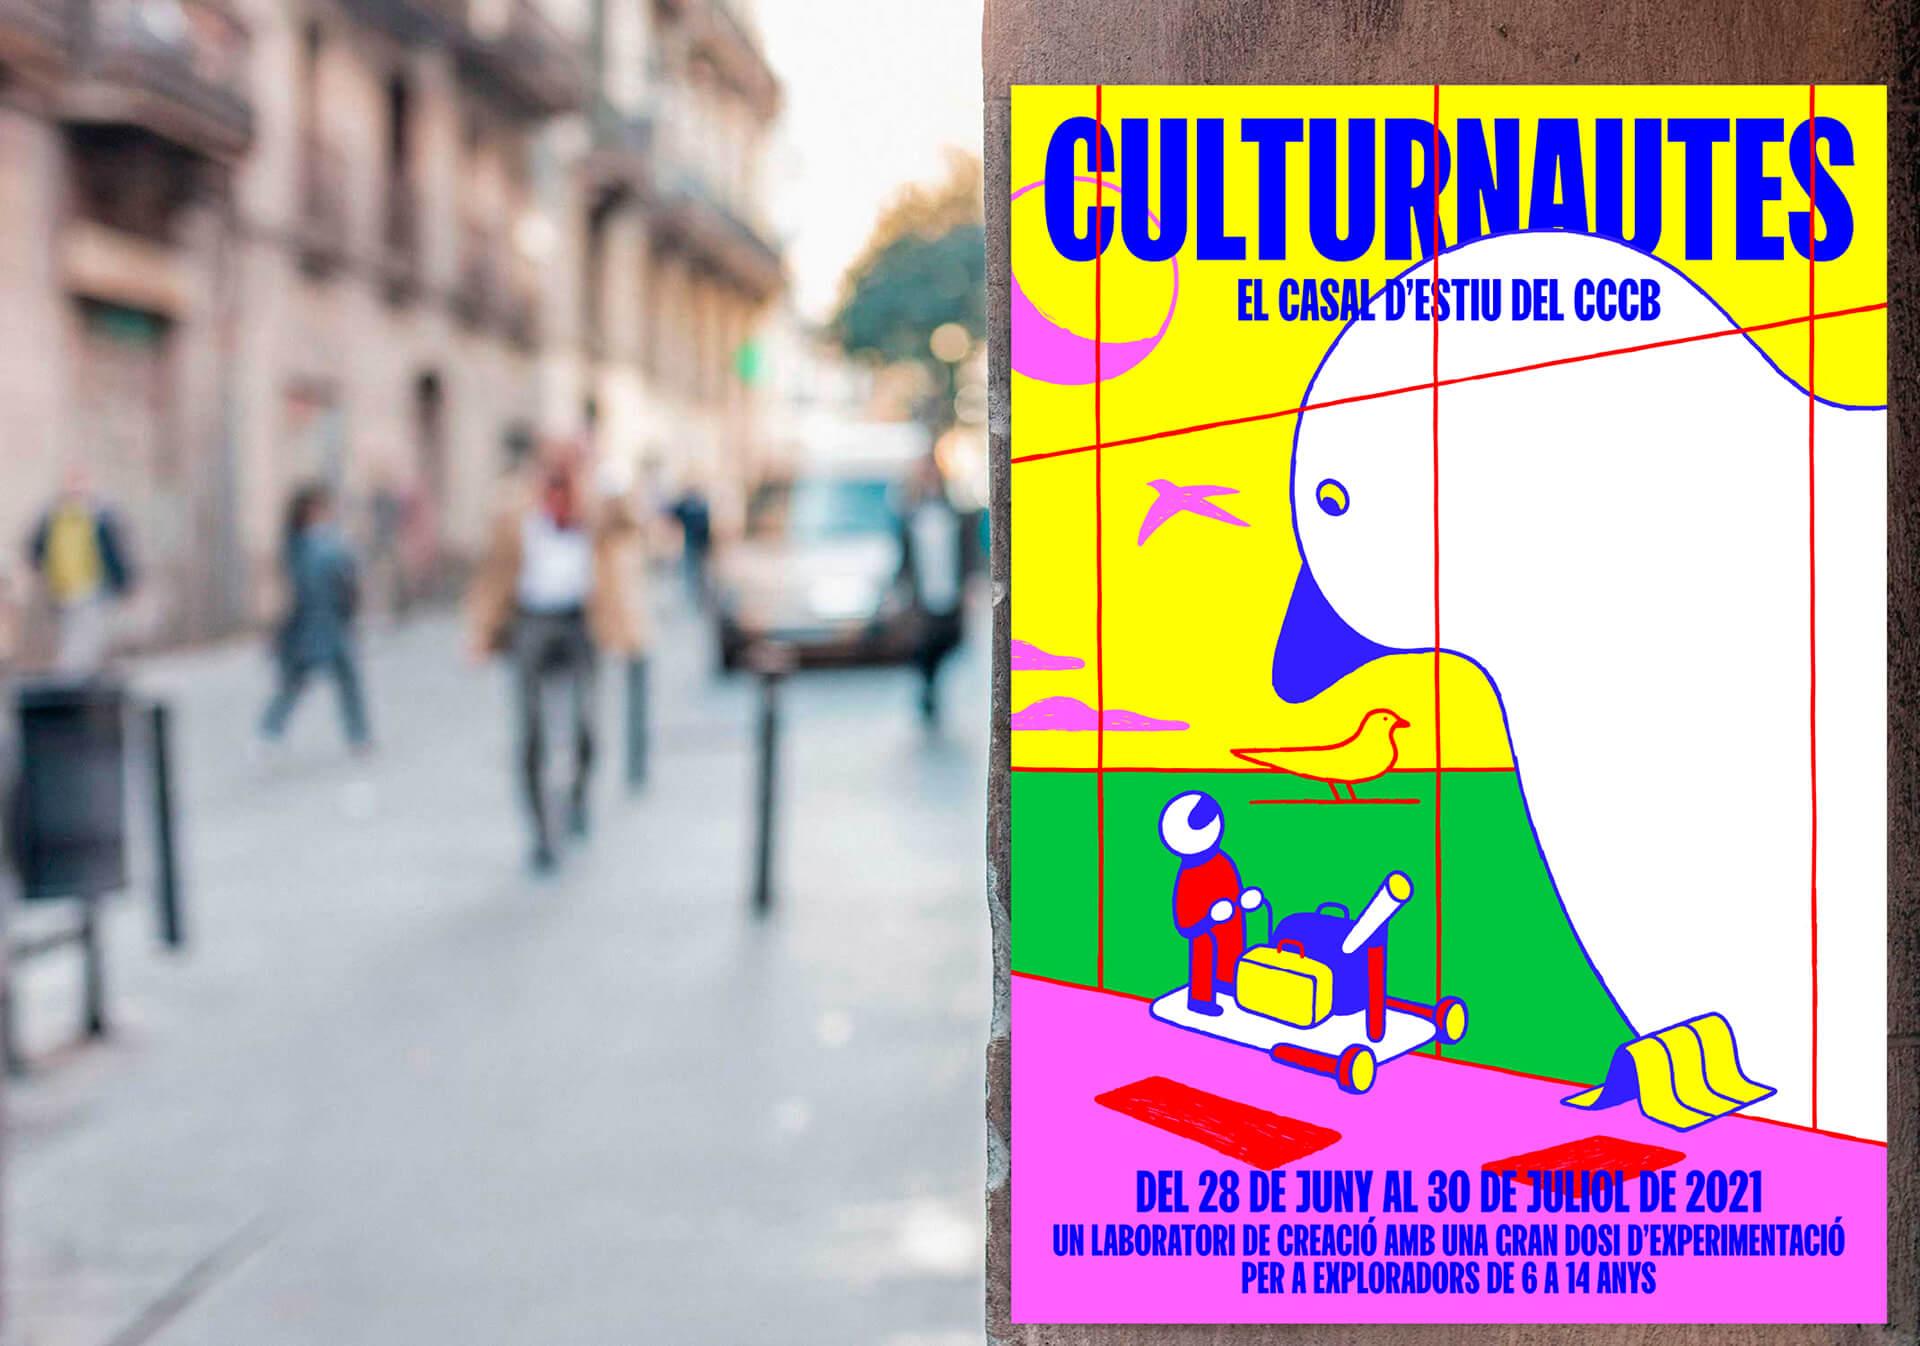 miguel-porlan-guirado-culturnautes-cccb-7